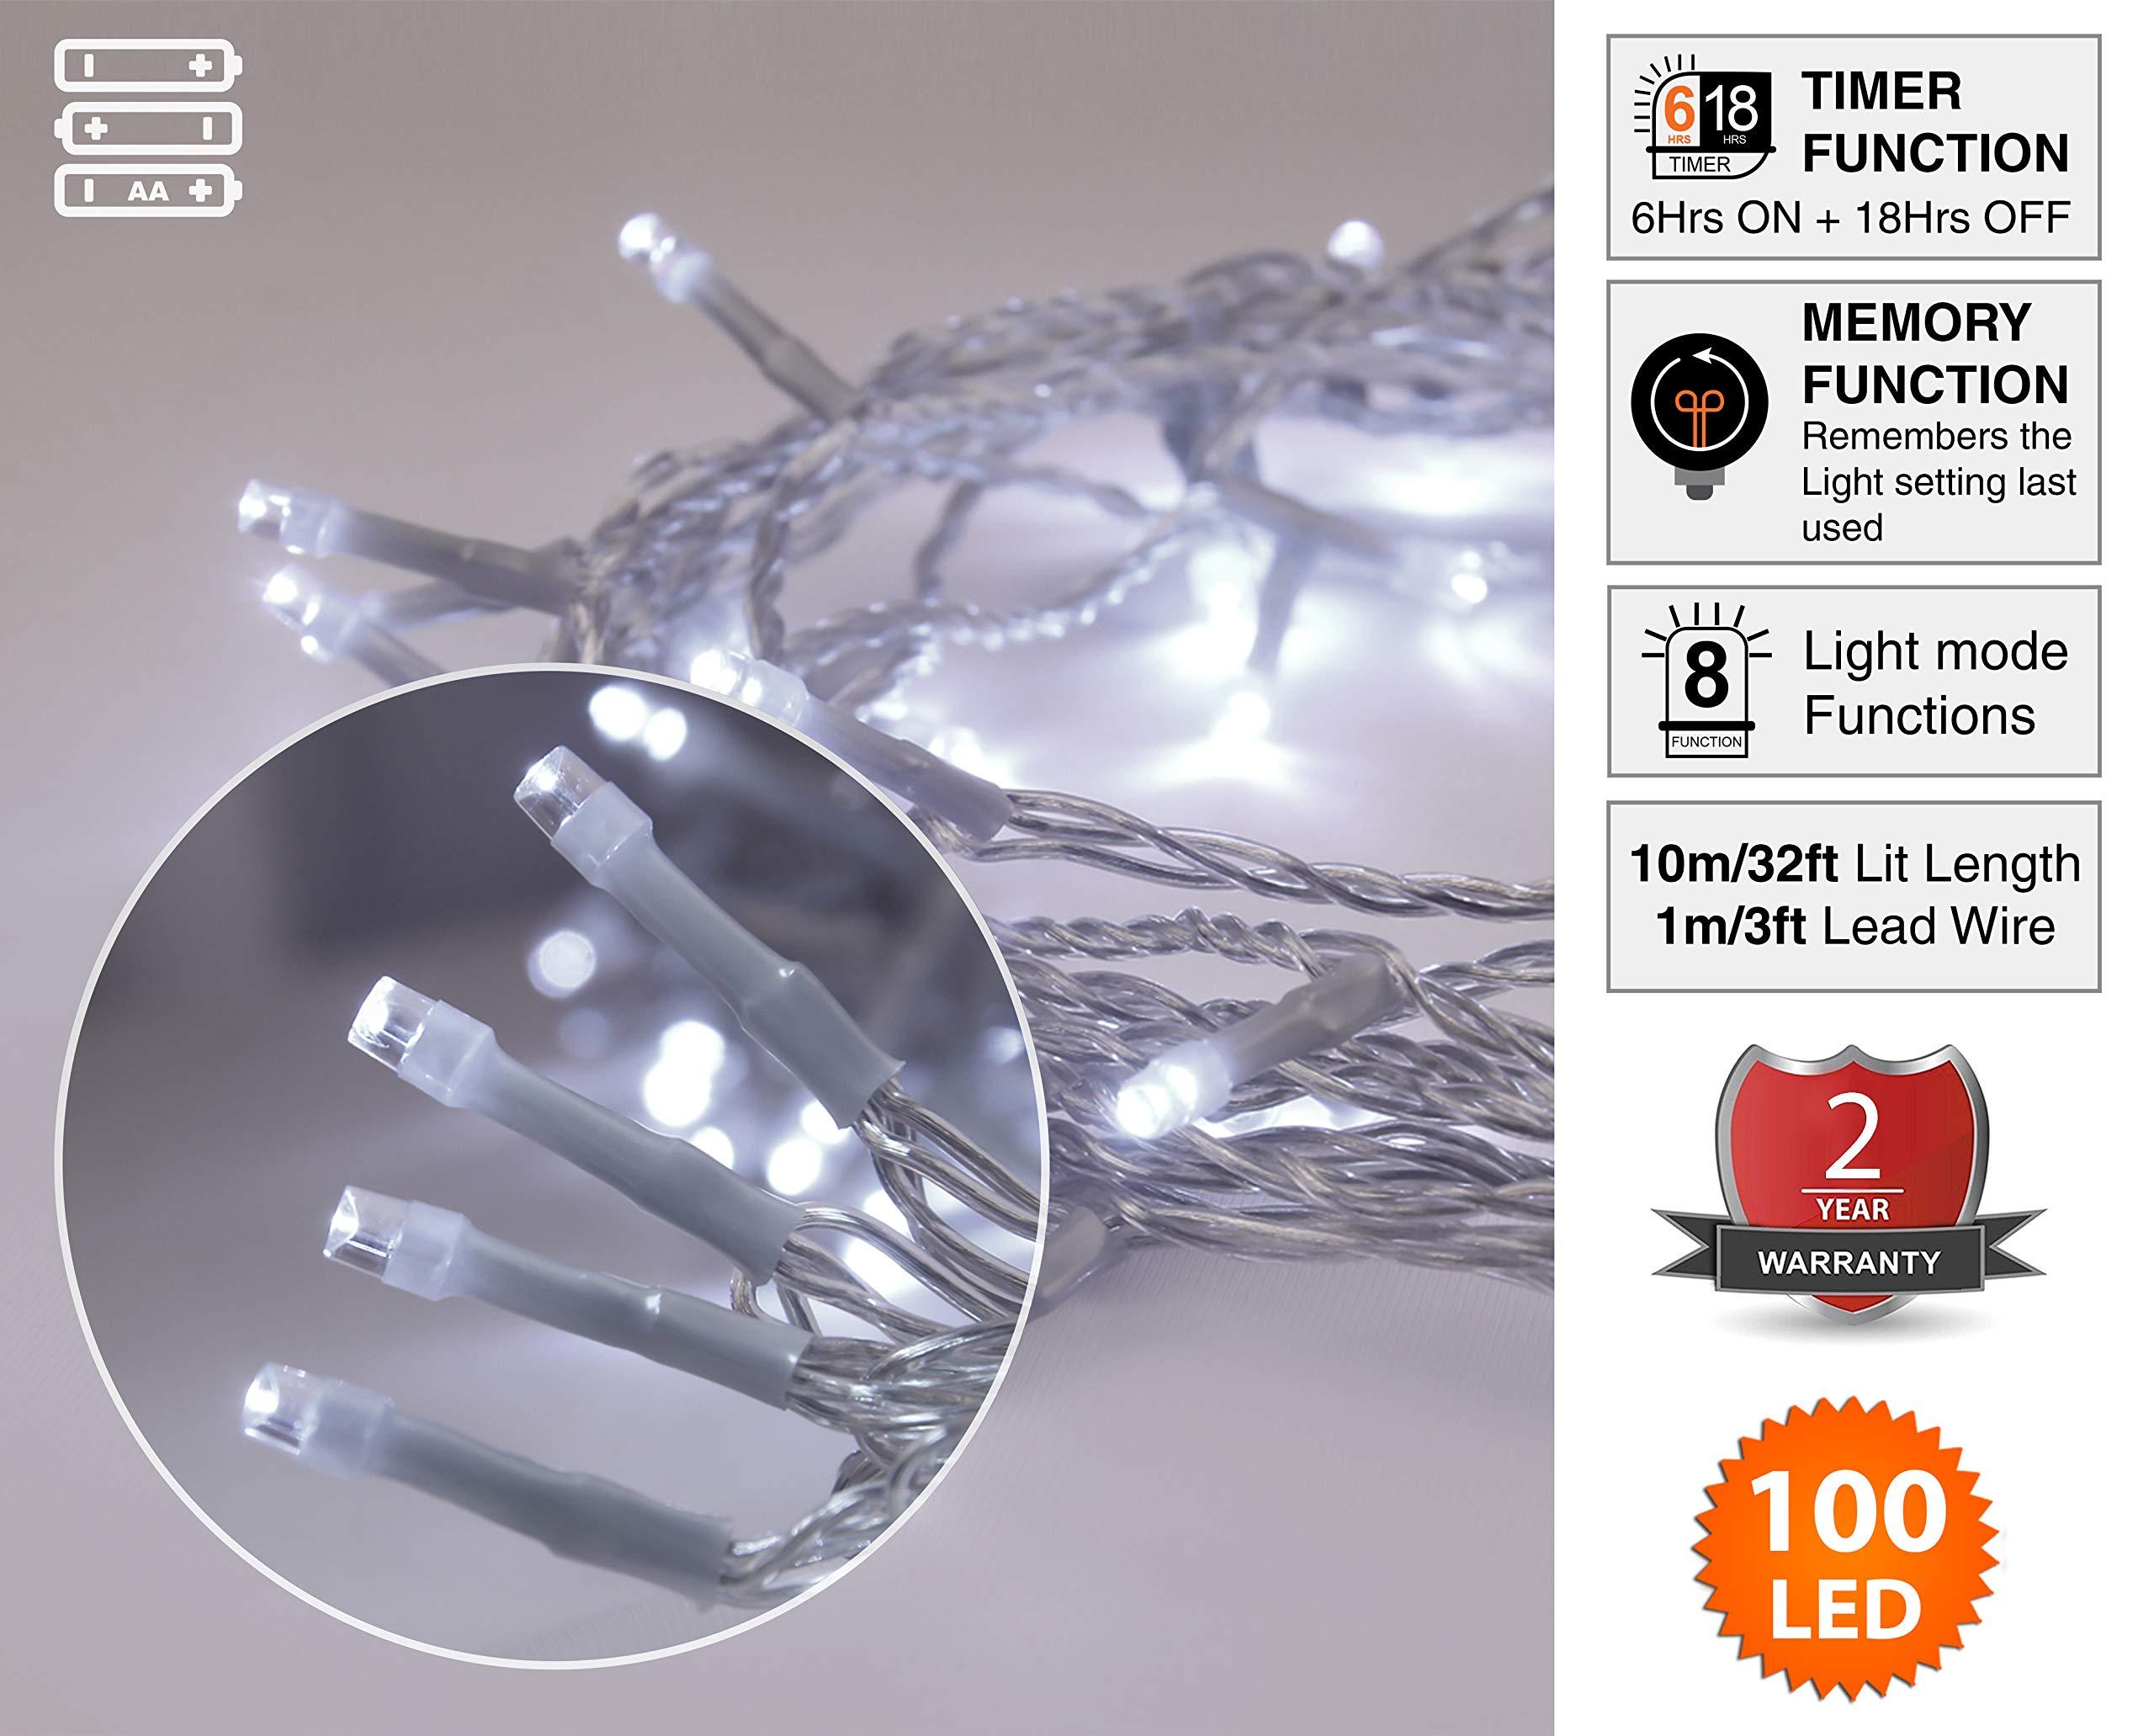 Lichterkette-Weihnachtsbeleuchtung100-LED-leuchtend-weien-Innen-und-Auen-8-Modi-mit-Memory-Timer-Funktion-batteriebetrieben-10m-33ft-Lit-Lnge-mit-1m-33ft-Lead-Wire-Clear-Kabel